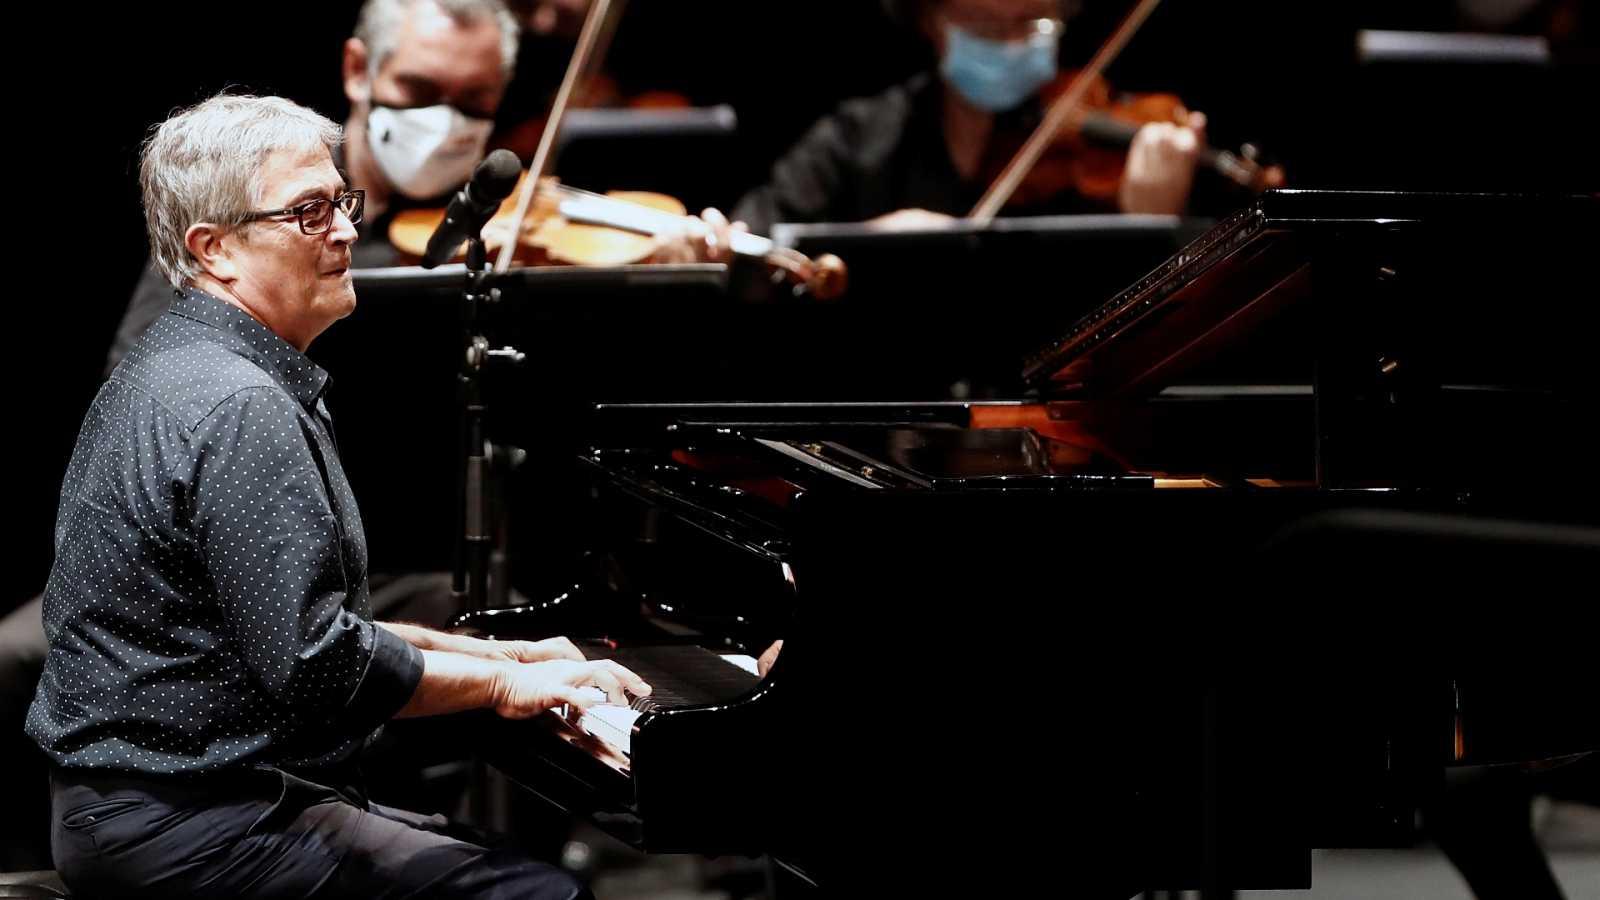 El ojo crítico - Con Antonio Colinas y Chano Rodríguez, Premio Nacional de Músicas Actuales - 16/10/20 - escuchar ahora